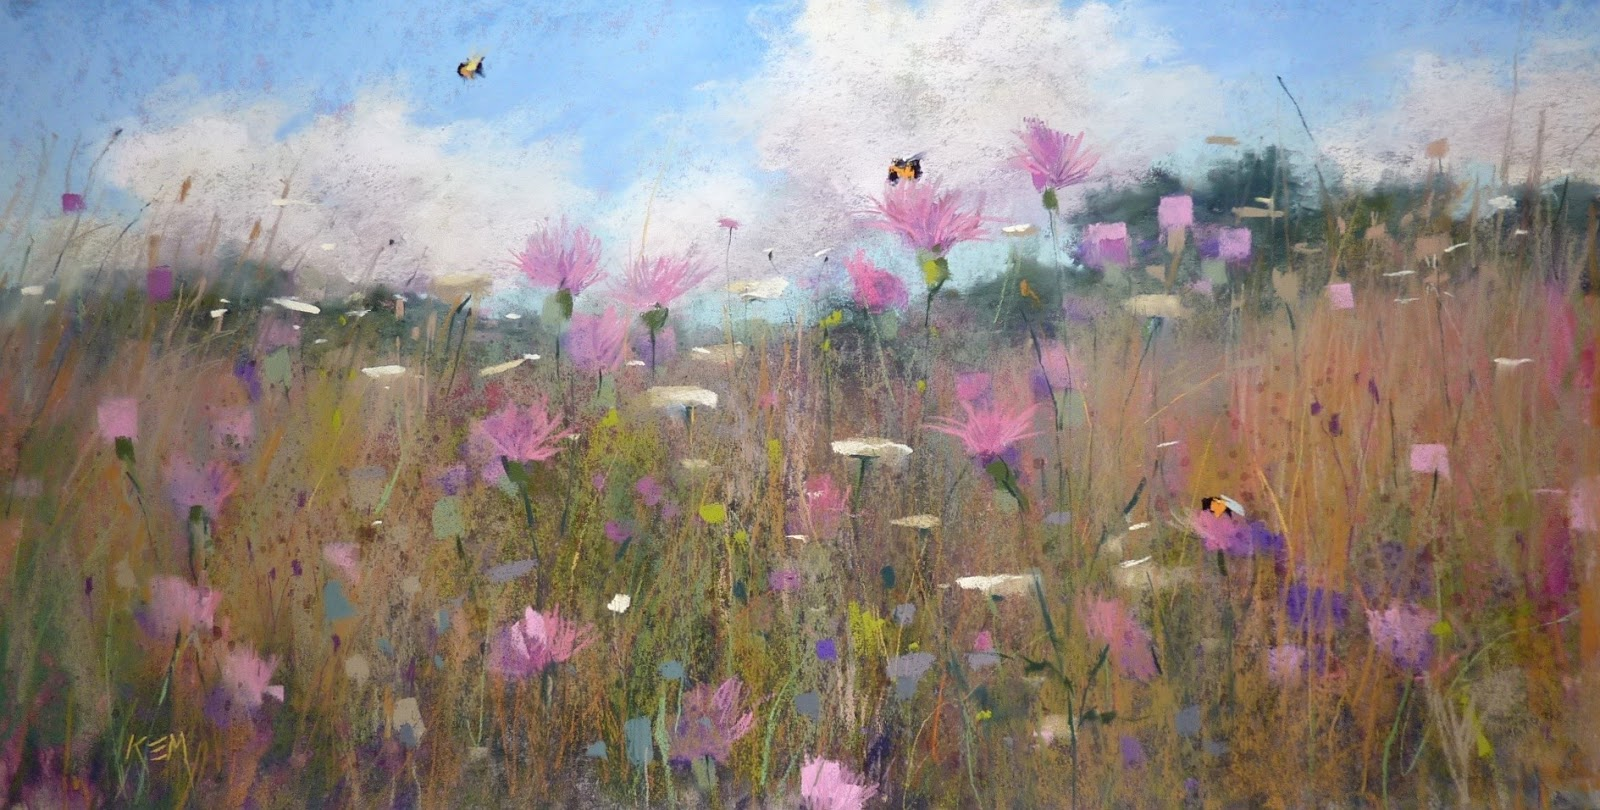 Dessin et peinture , vidéo 2176  Peindre un champ de fleurs sauvages aux  craies de pastel.